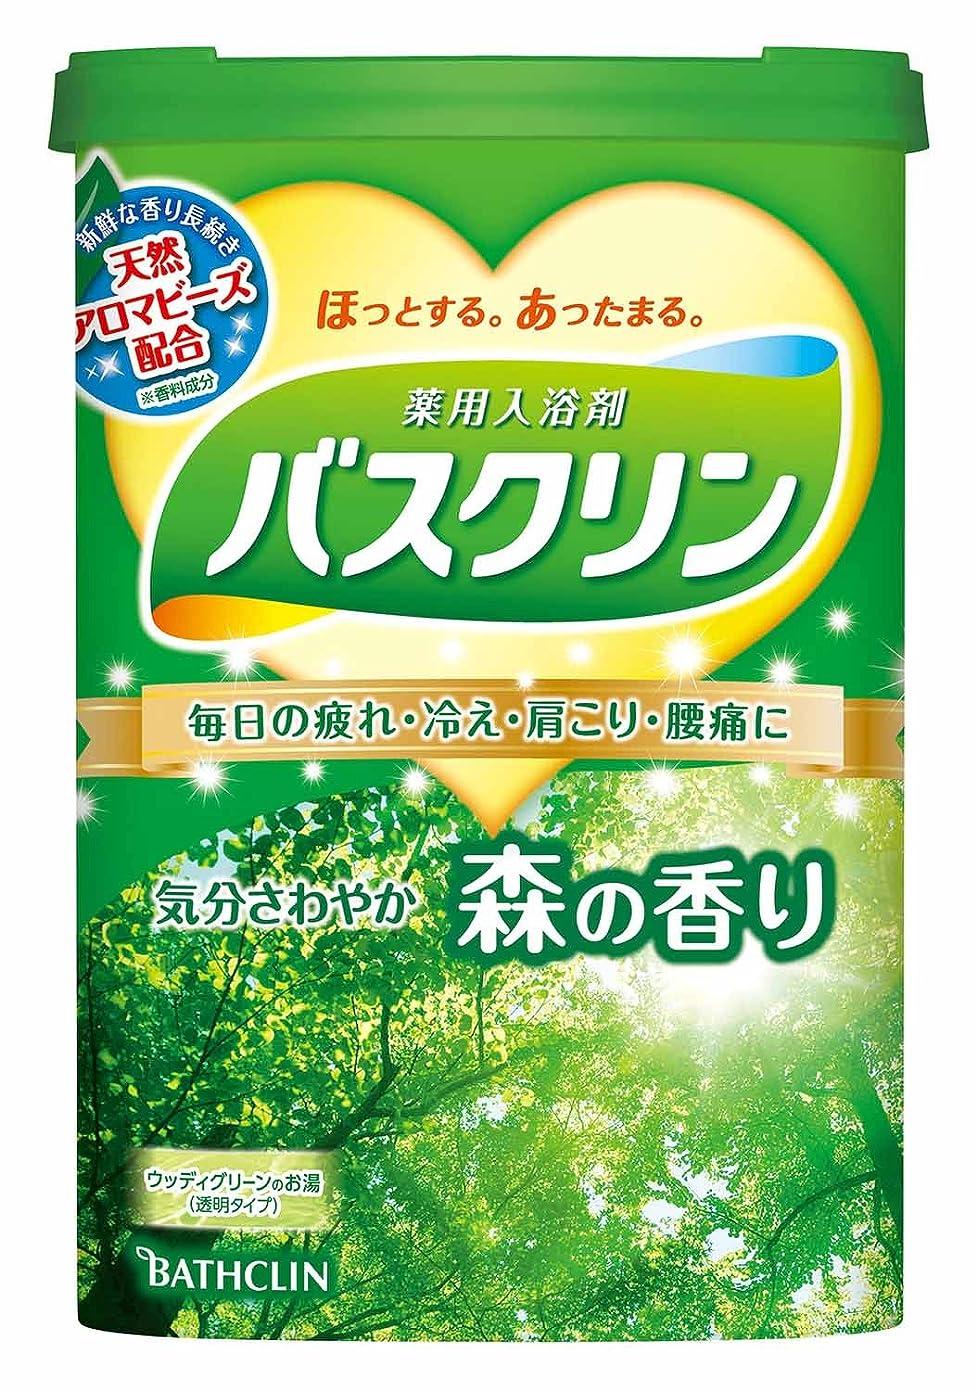 チャンバー具体的に収束バスクリン森の香り600g